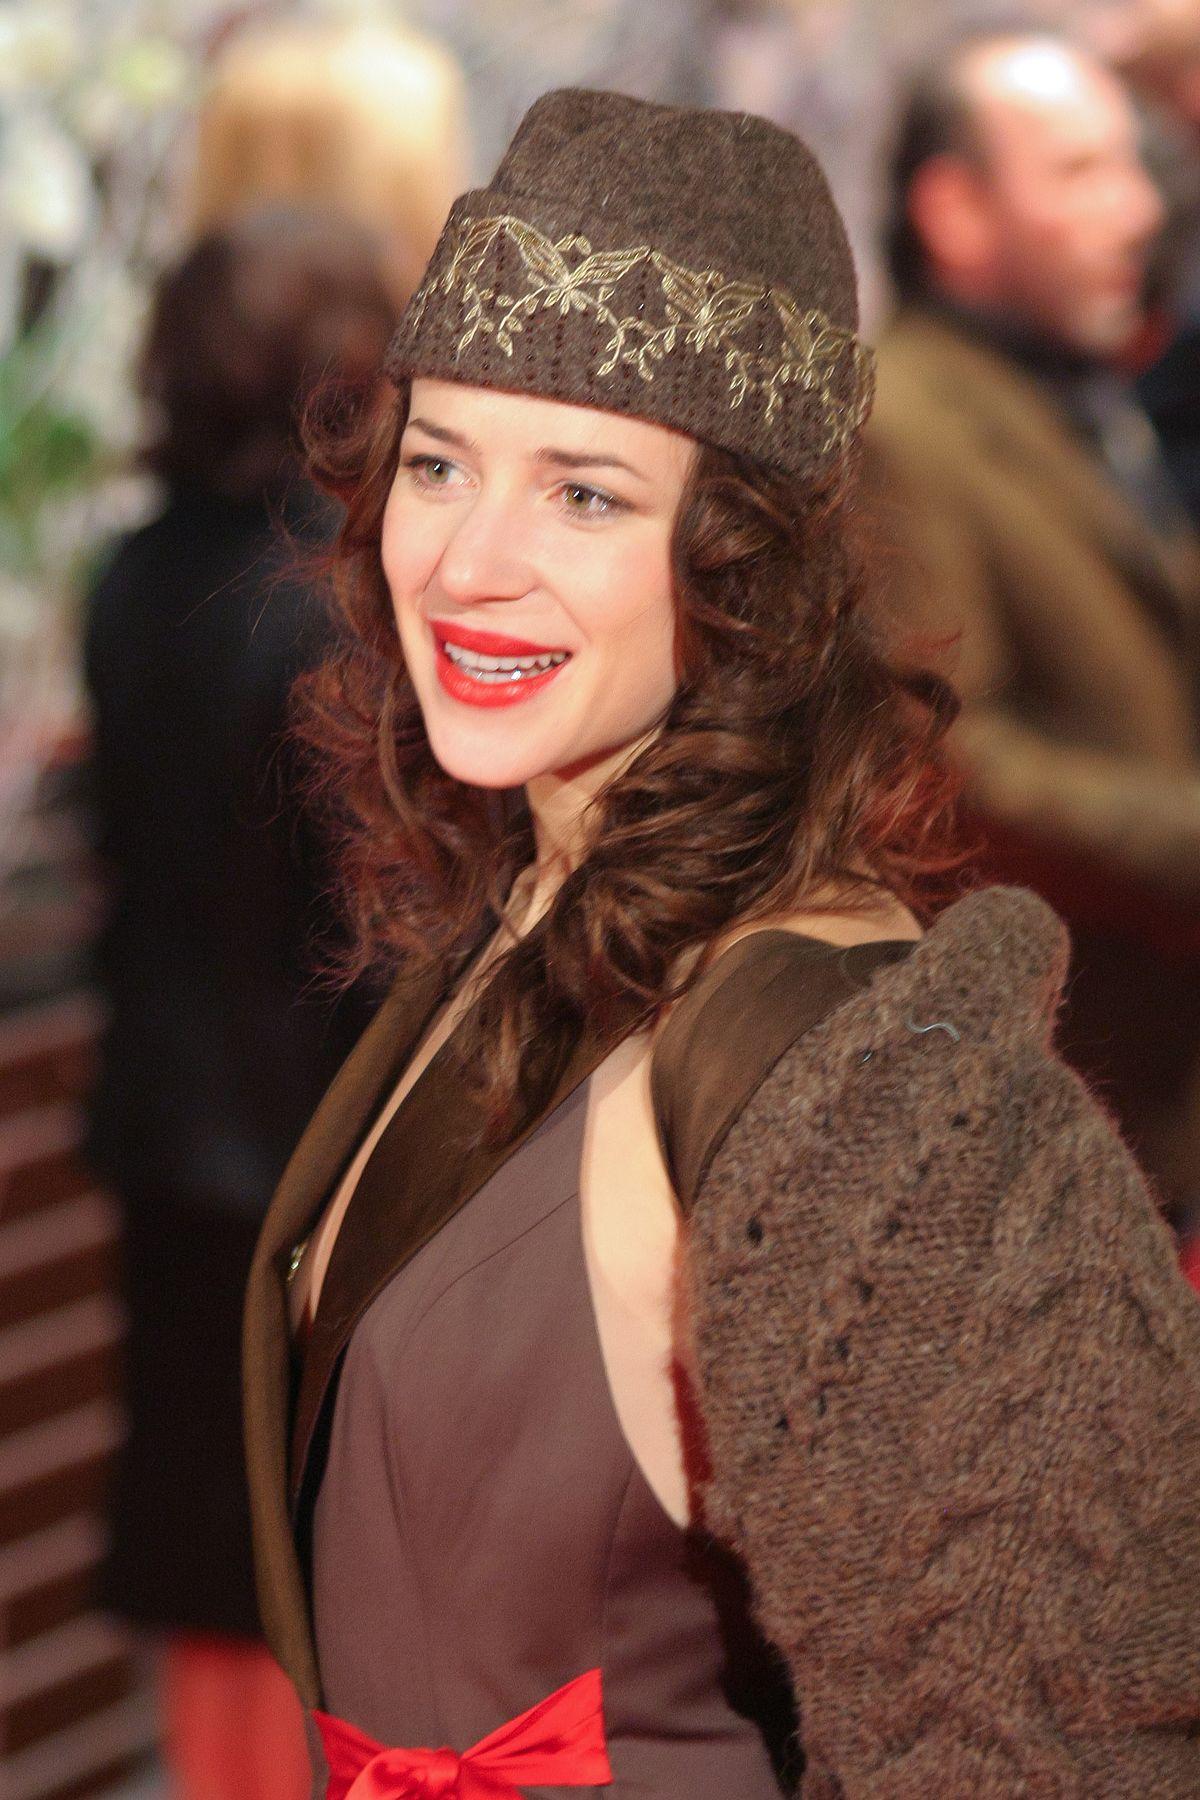 Julia Malik - Wikipedia